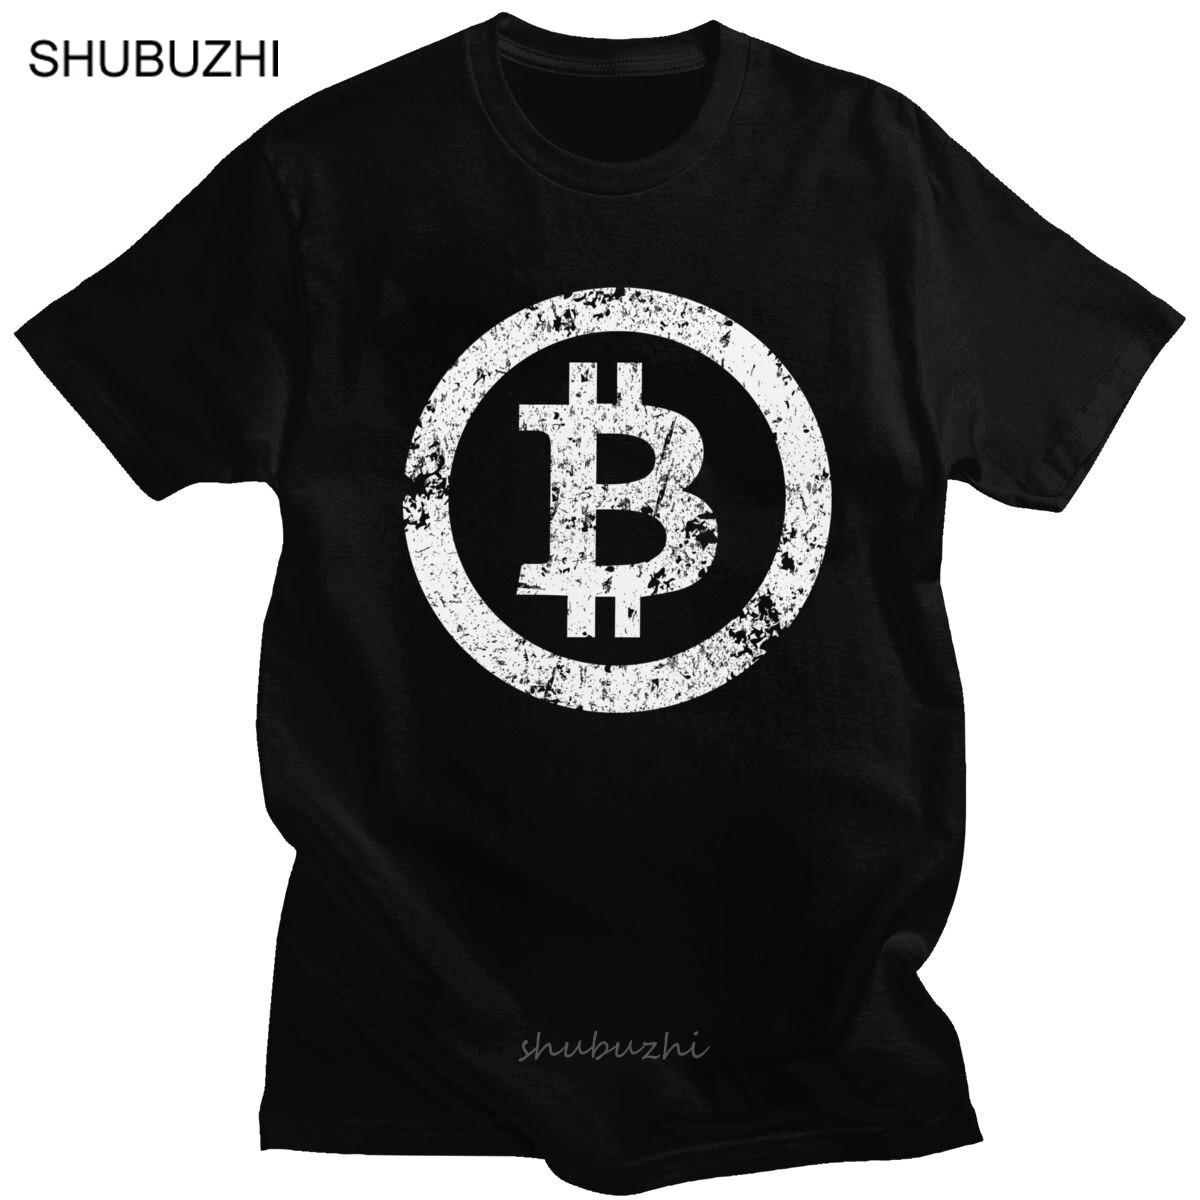 Camiseta con símbolo de Bitcoin para hombre, camiseta retro de algodón puro con estampado de criptomoneda para Traders, camiseta de manga corta con estampado Grunge para BTC